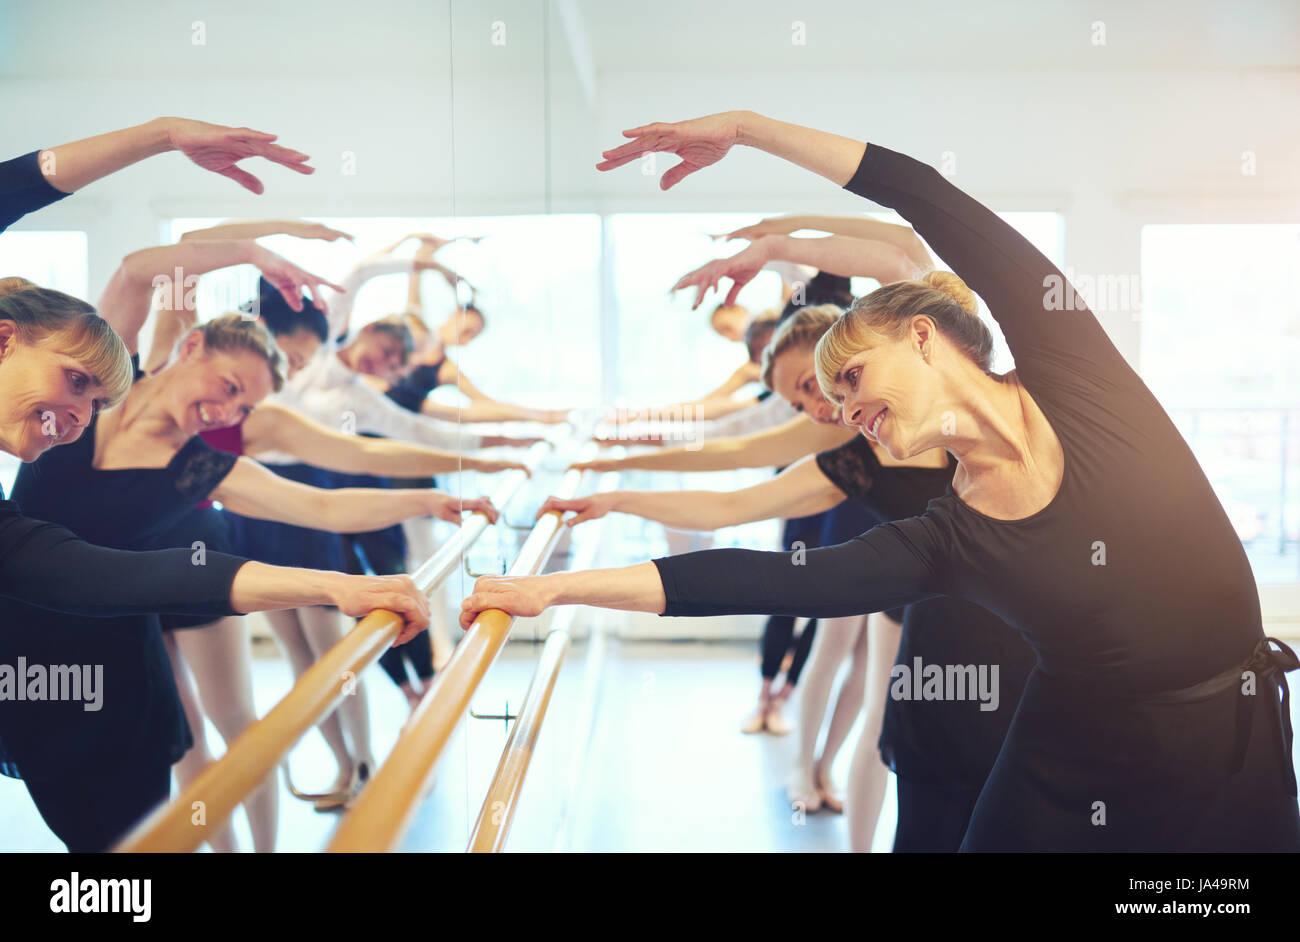 Allegro coppia ballerine stretching con le mani fino a riposo a specchio nella classe di balletto. Foto Stock